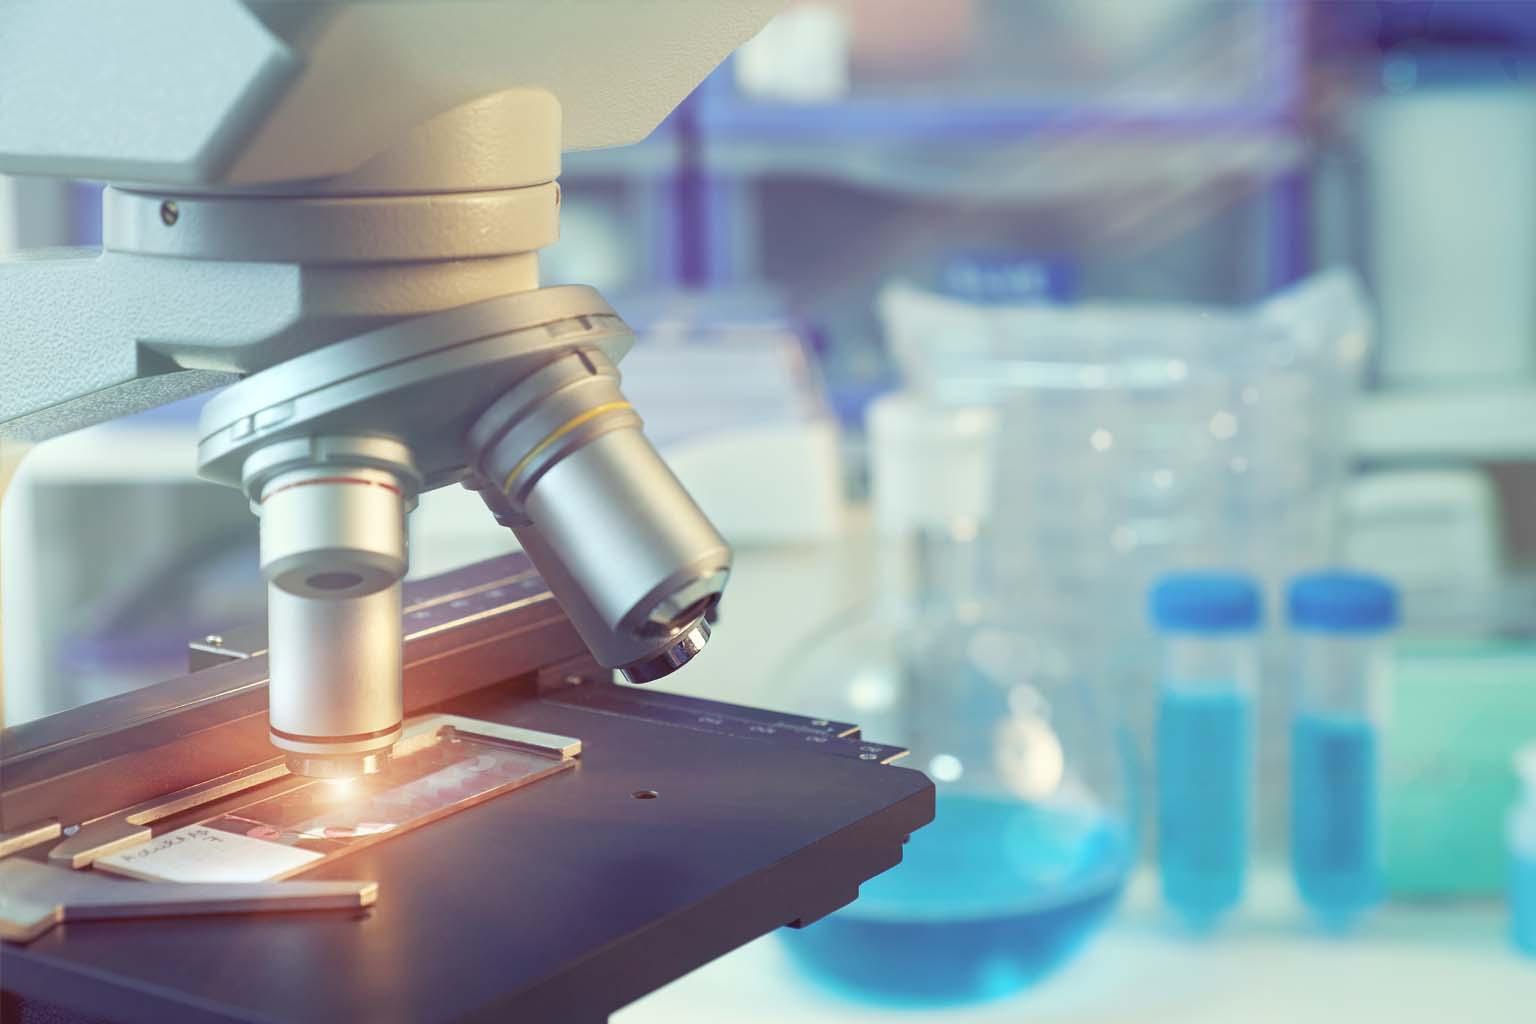 closeup of microscope in lab setting